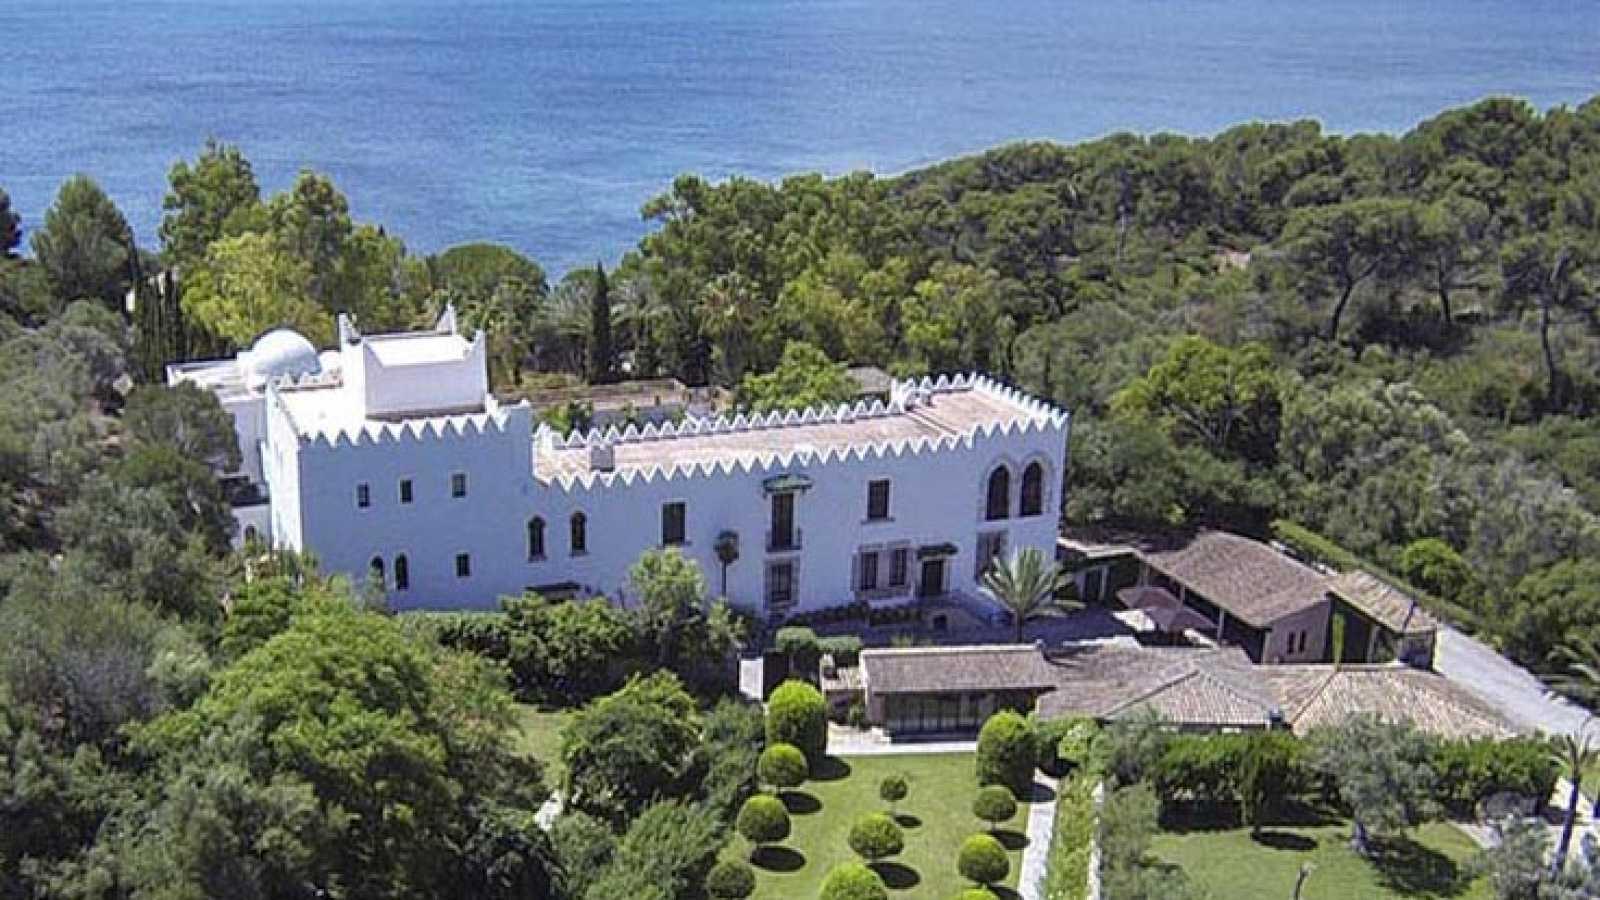 En clave Turismo - Sa Bassa Blanca, paraíso cultural en Mallorca - 21/01/19 - escuchar ahora